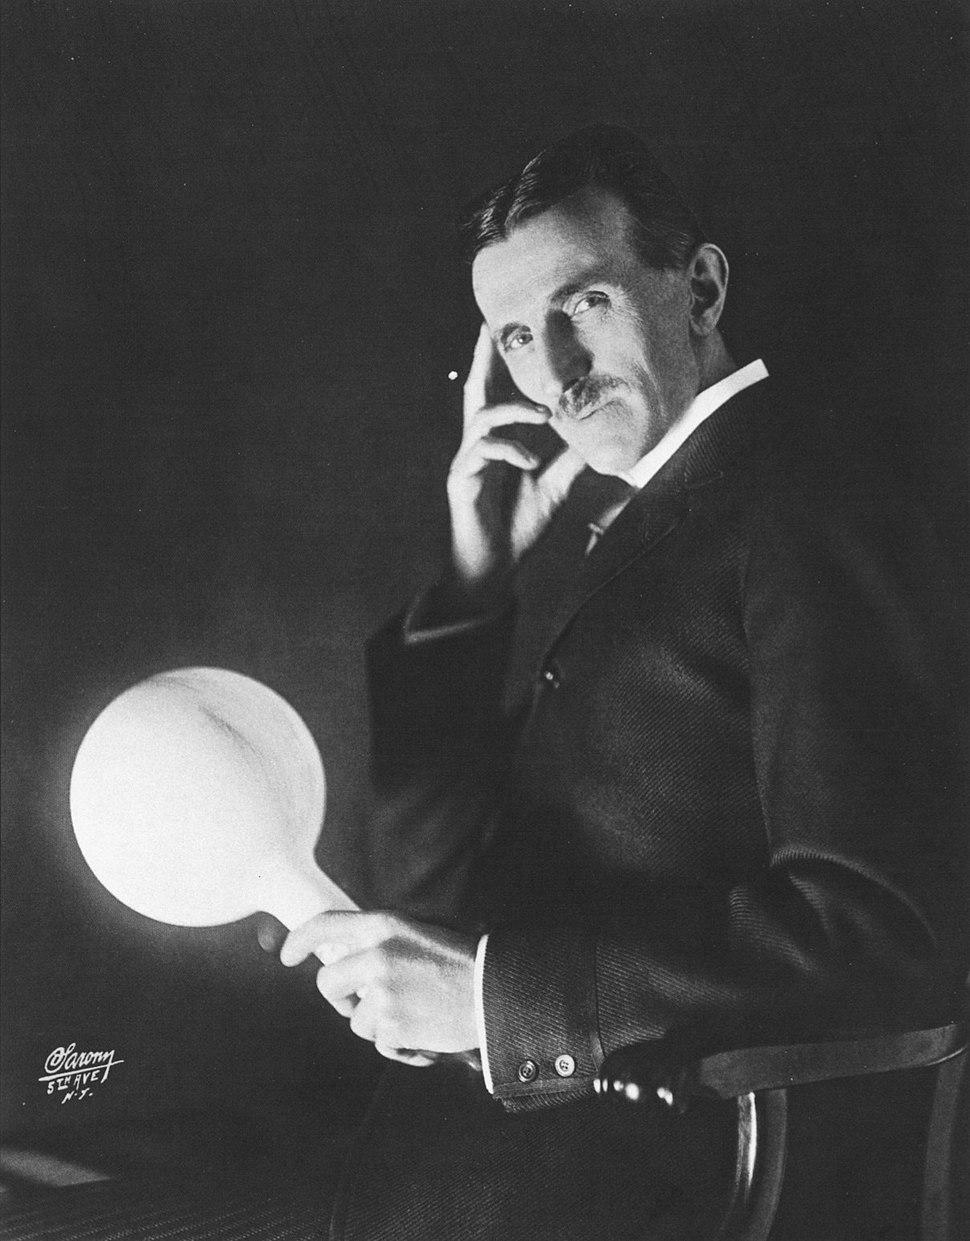 Nikola Tesla by Sarony c1898